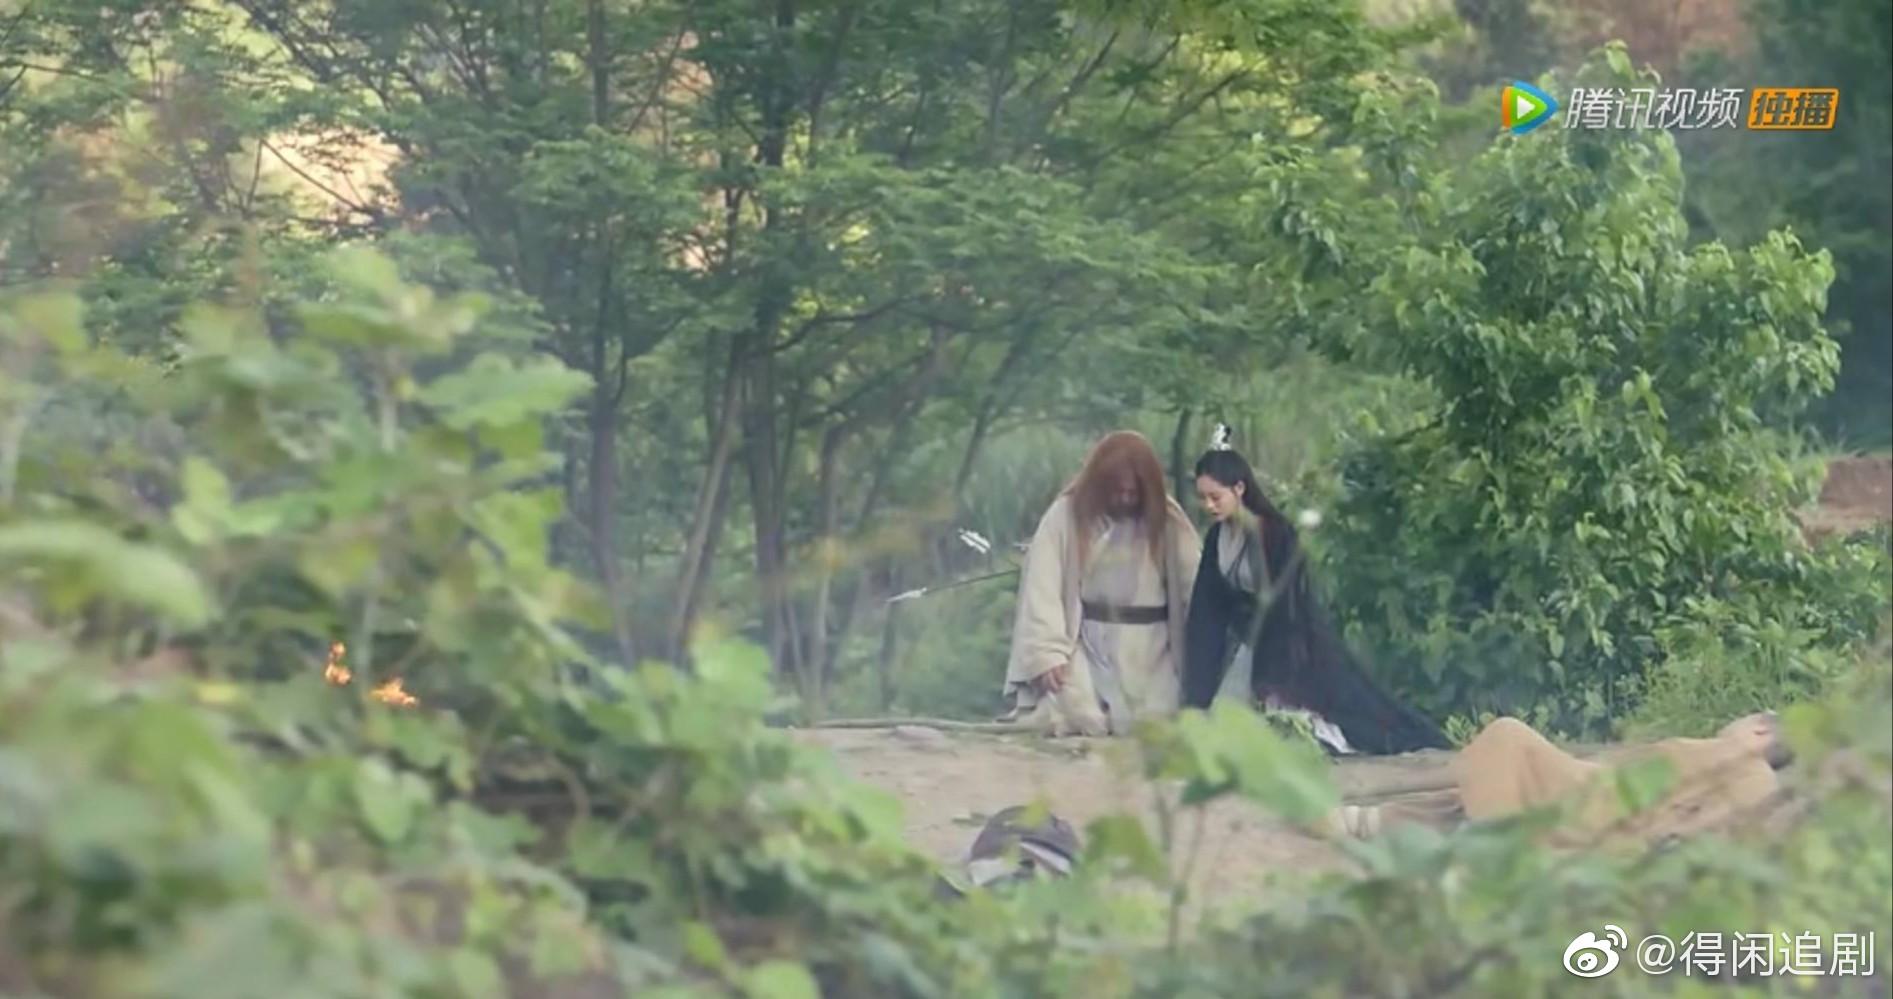 Thảm hoạ tập cuối Tân Ỷ Thiên Đồ Long Ký, netizen phẫn nộ: Biên kịch là mẹ đẻ Chu Chỉ Nhược đúng không? - Ảnh 5.